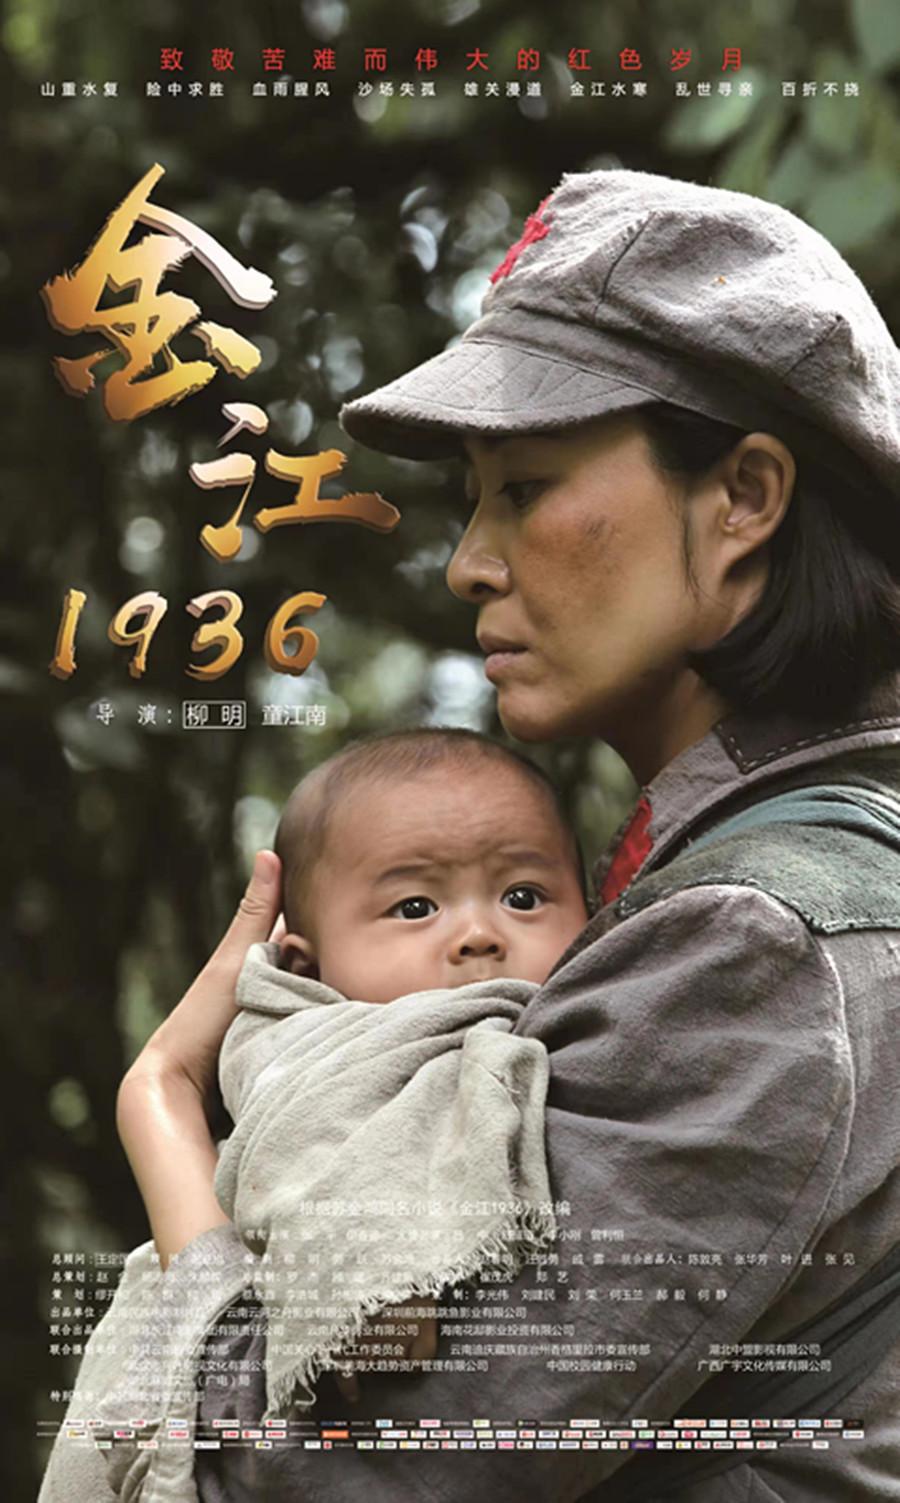 重大革命和历史题材影片《金江1936》首映礼在昆明举办